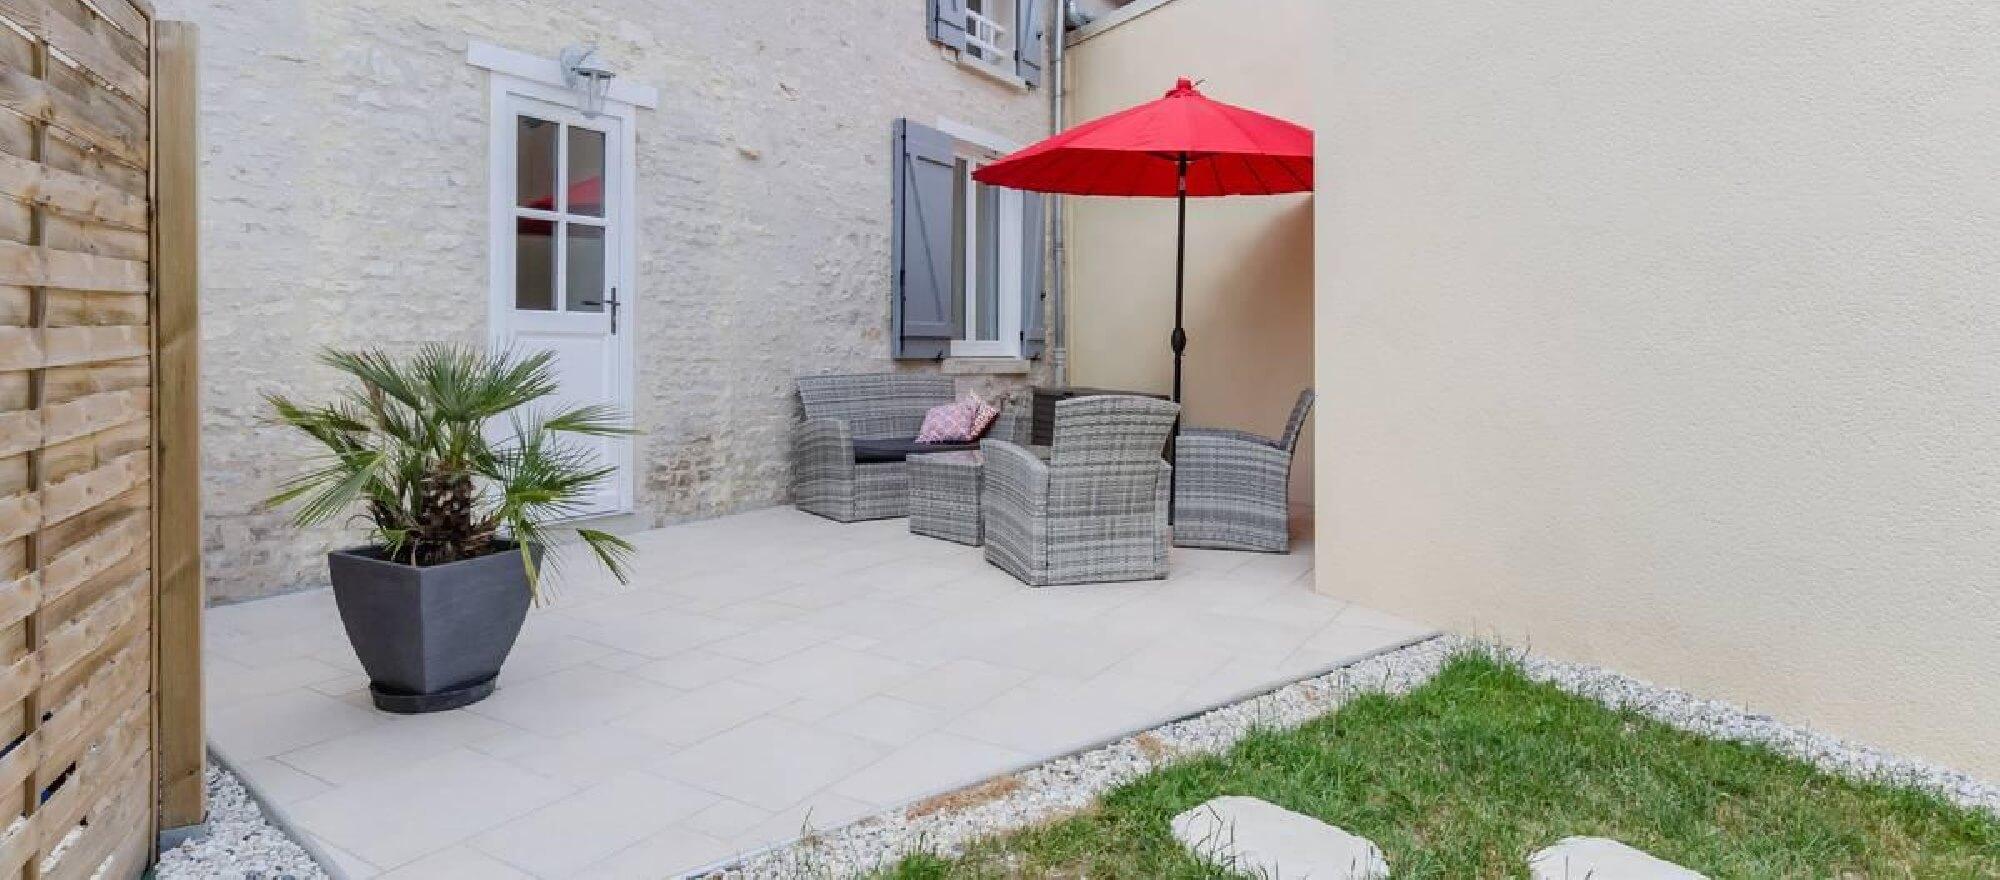 Gite Chez Jeannine à Fontaine (aube) - Terrasse extérieure